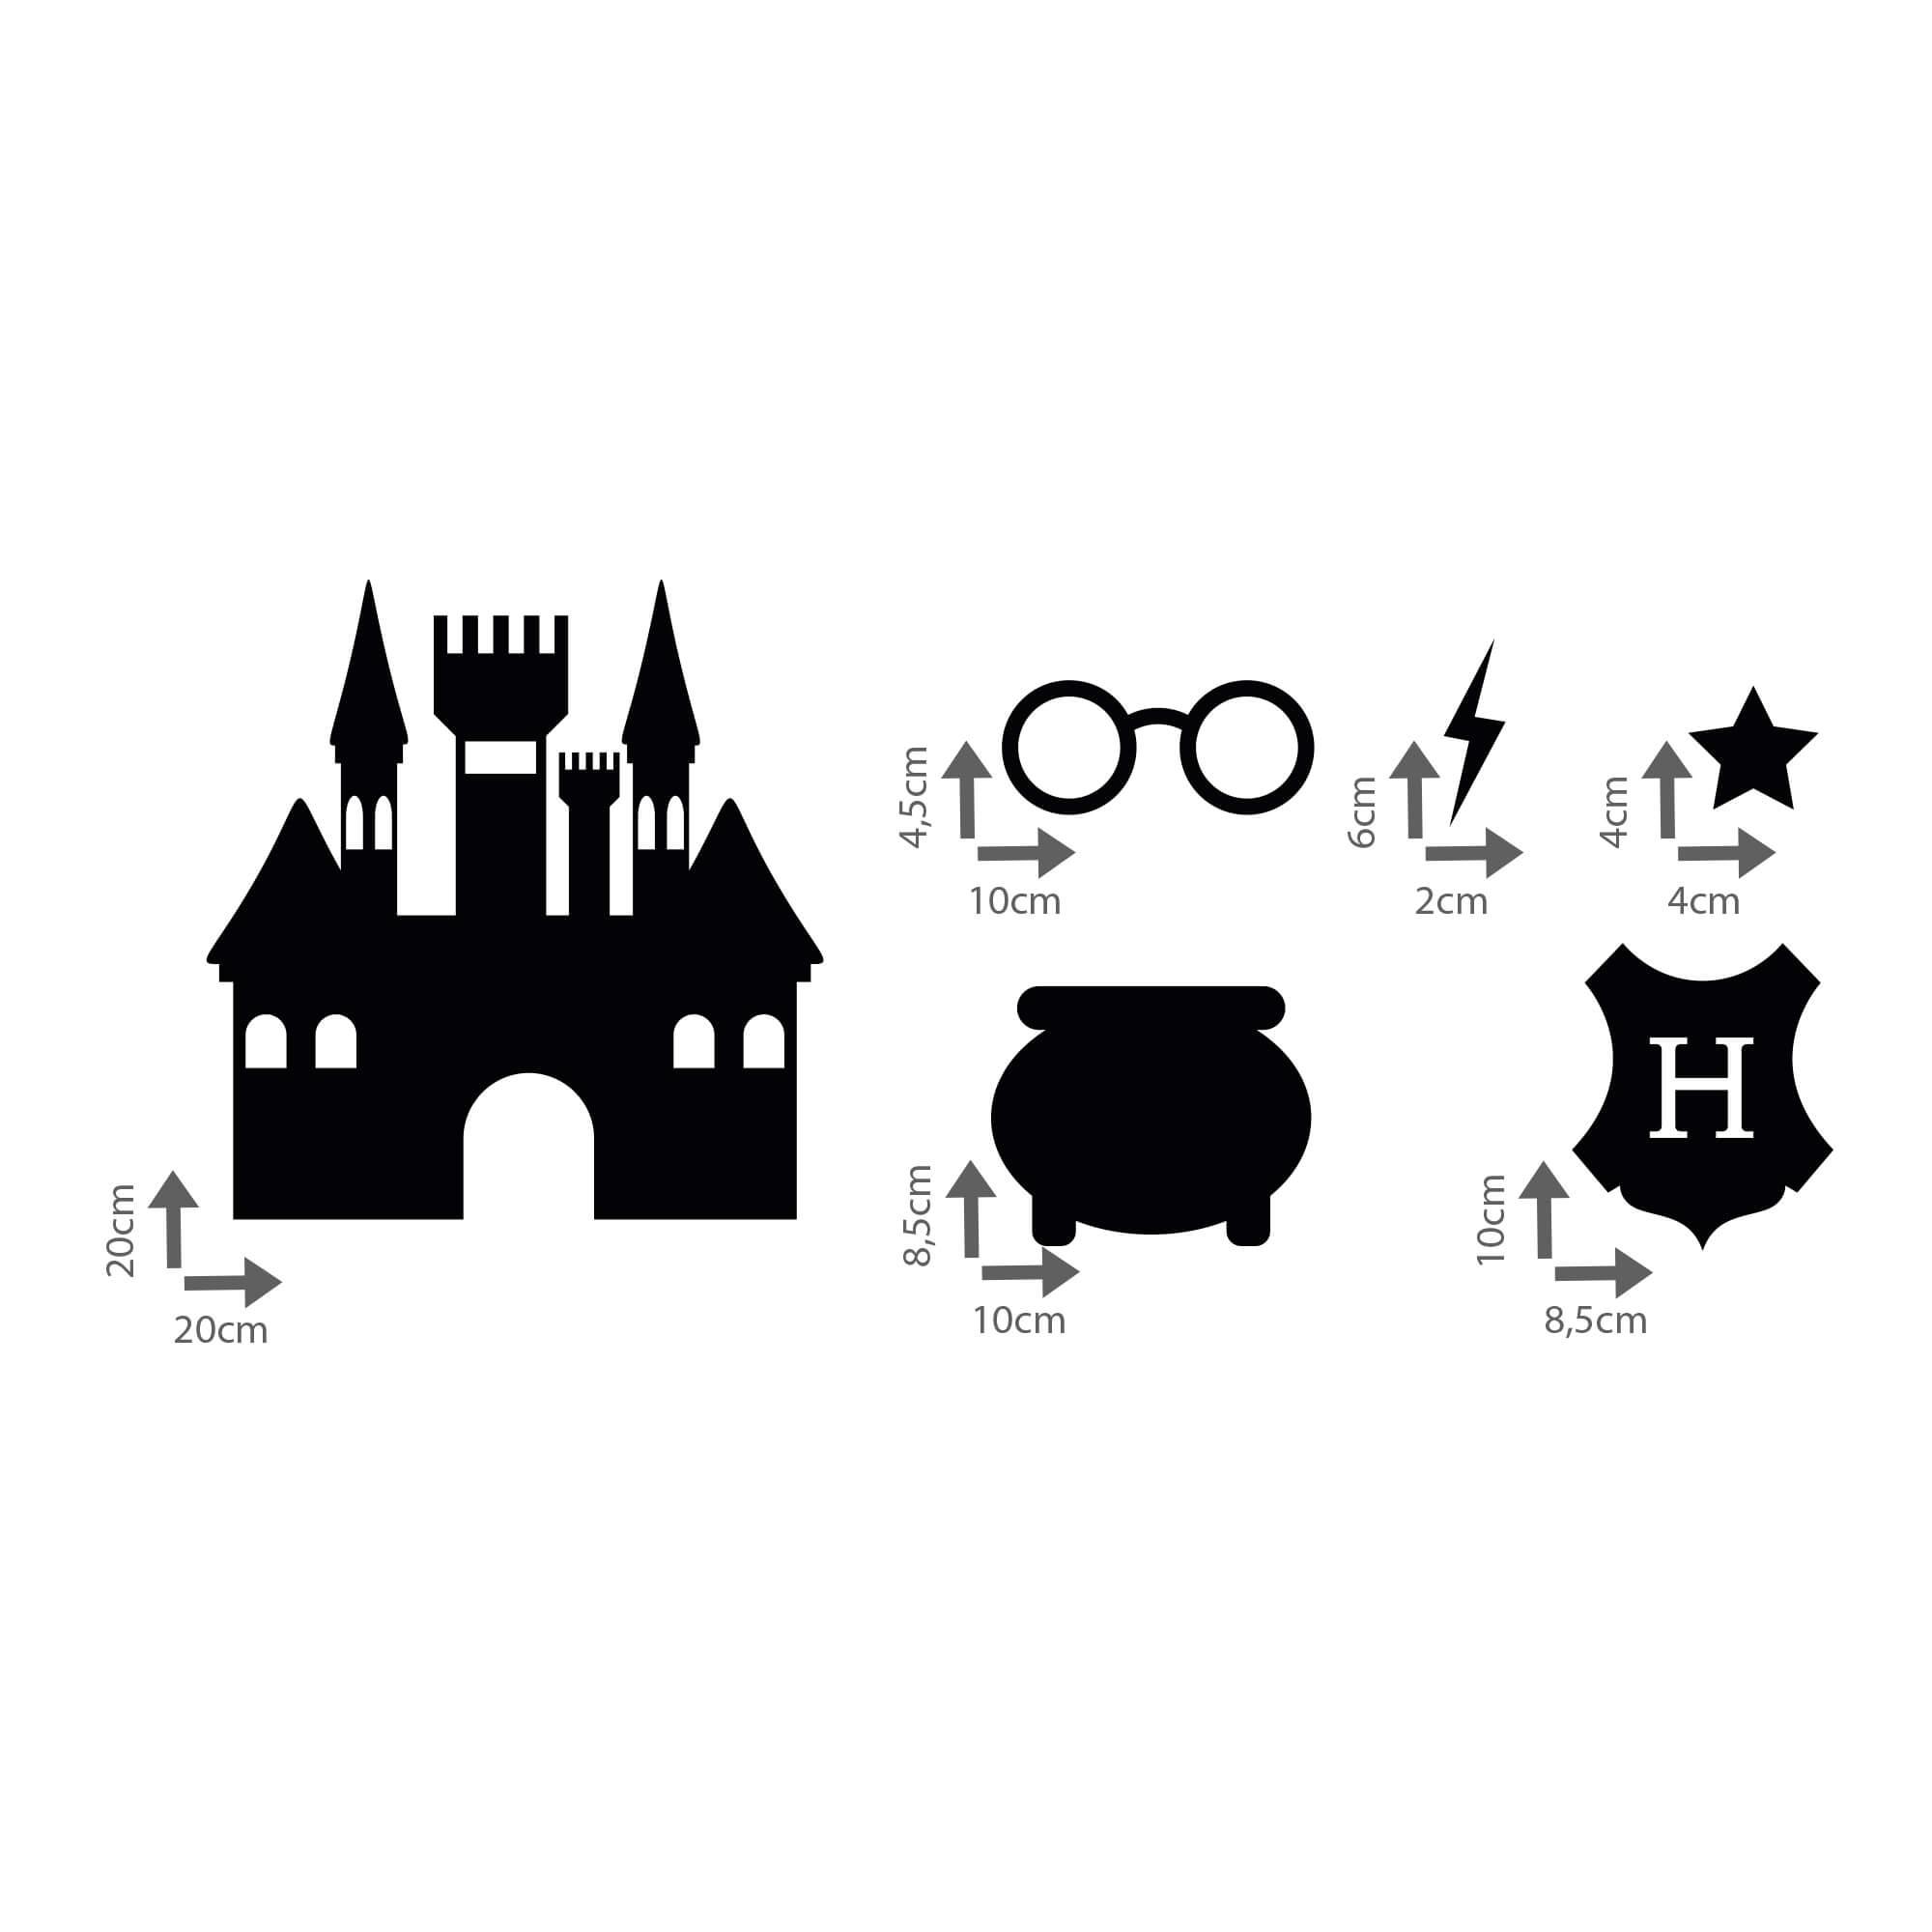 Kit de Adesivos Harry Potter Elementos Filme Hogwarts Azkaban Decoração Quarto